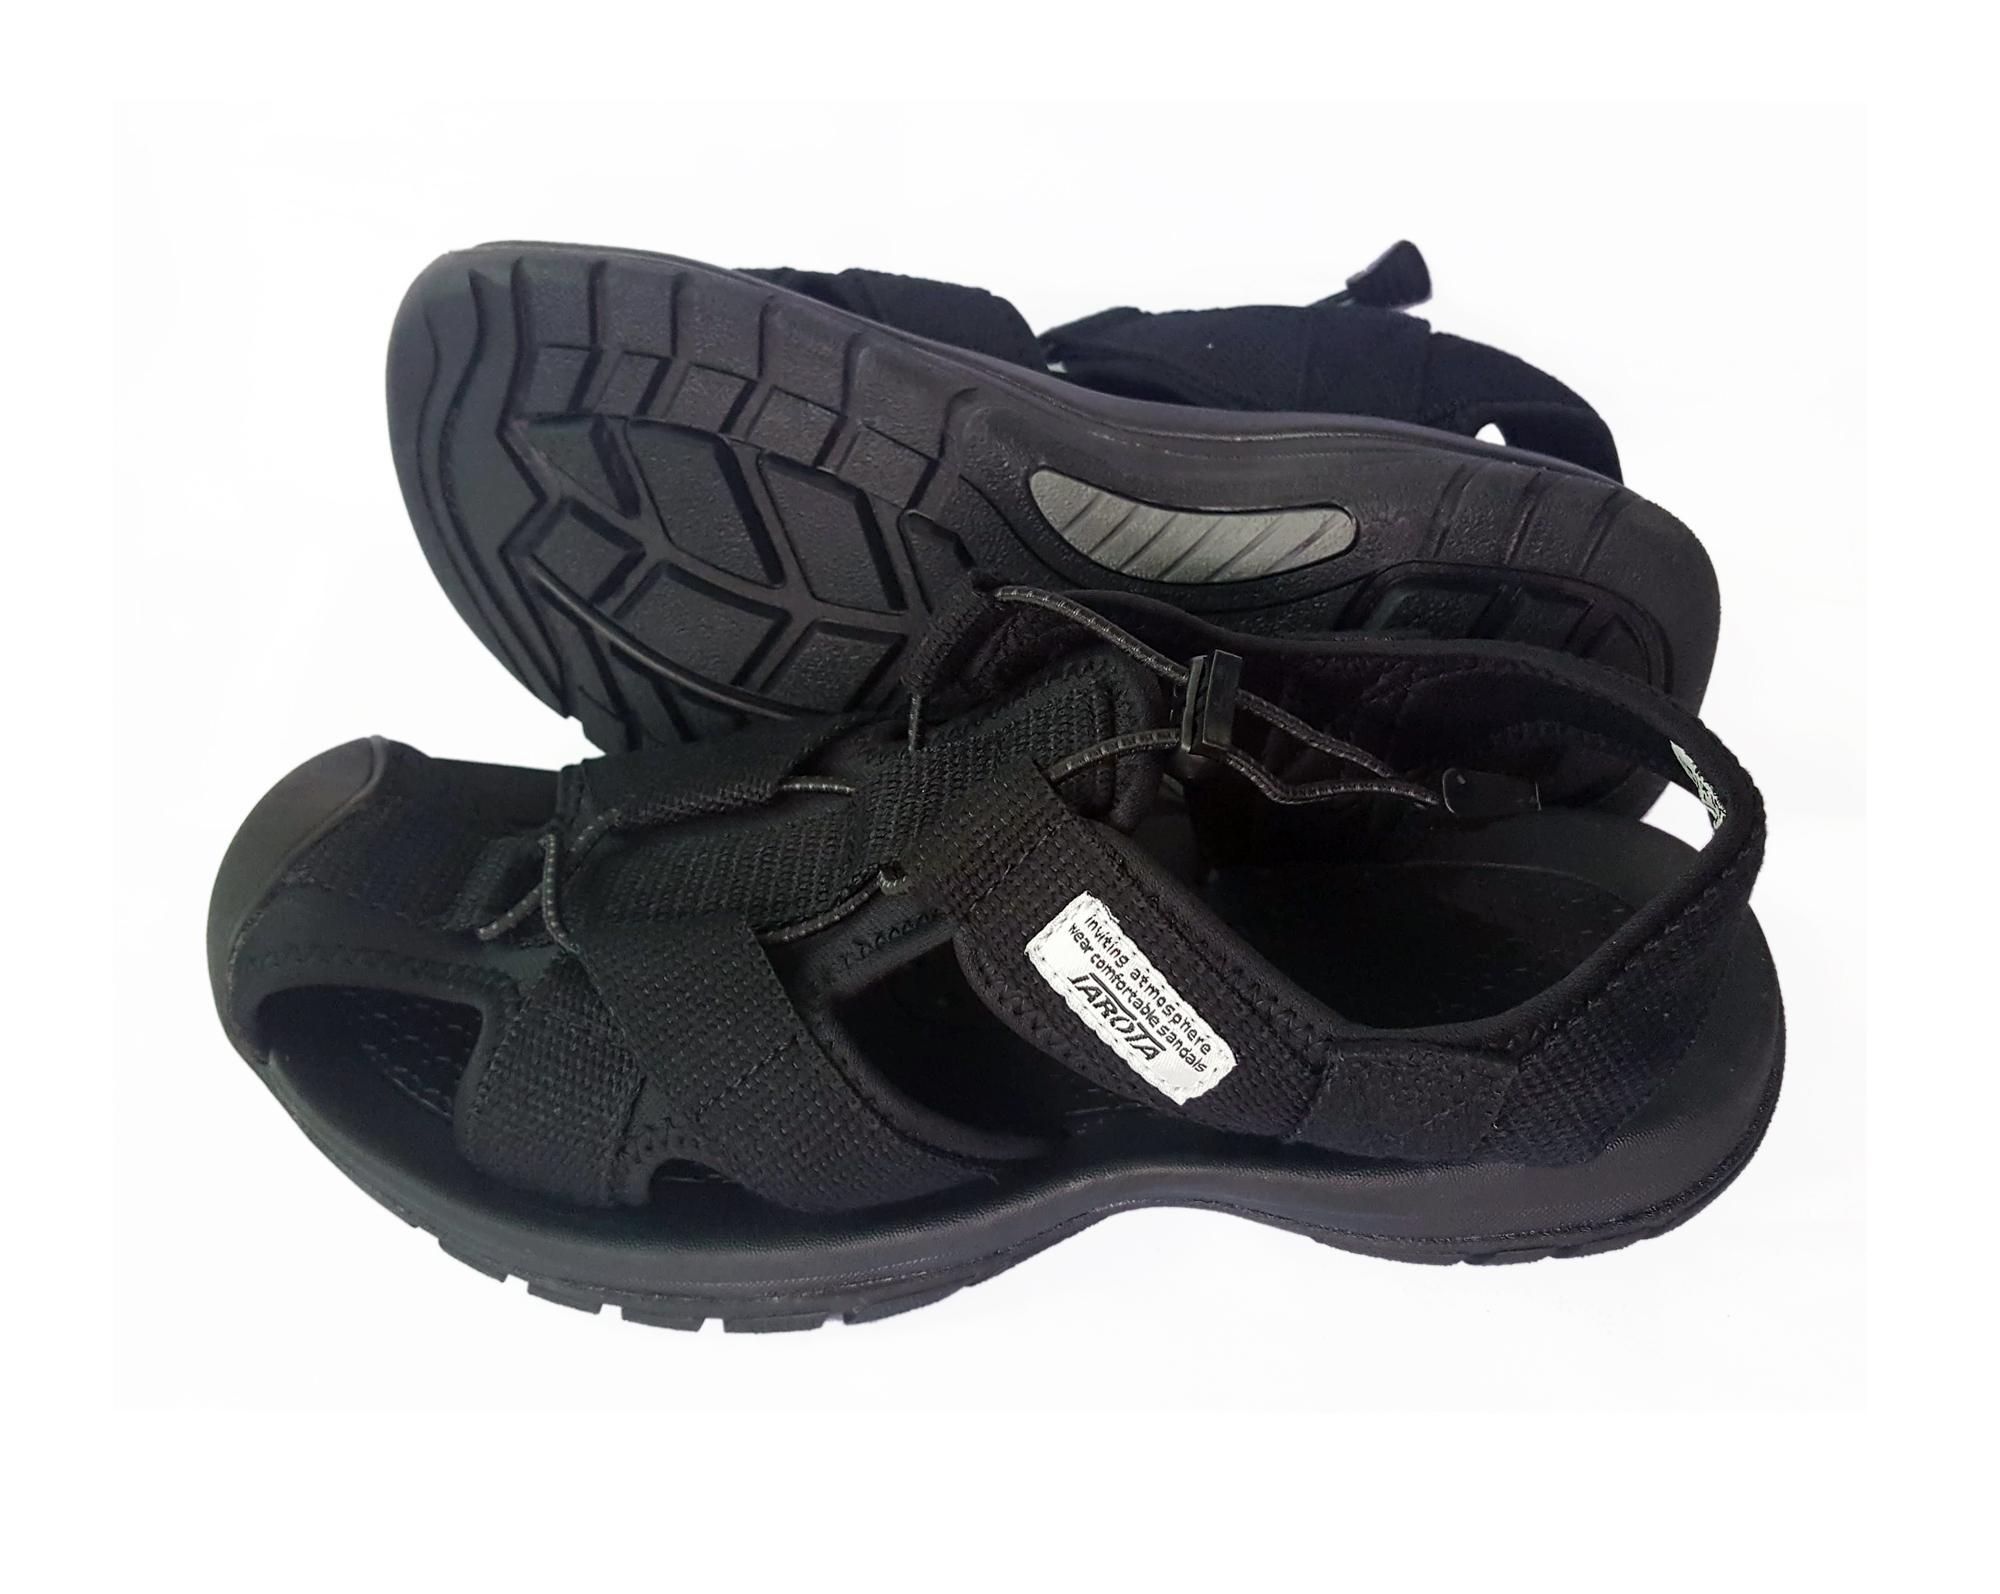 Giày sandal Nam dây chéo - Rọ - Xuất khẩu